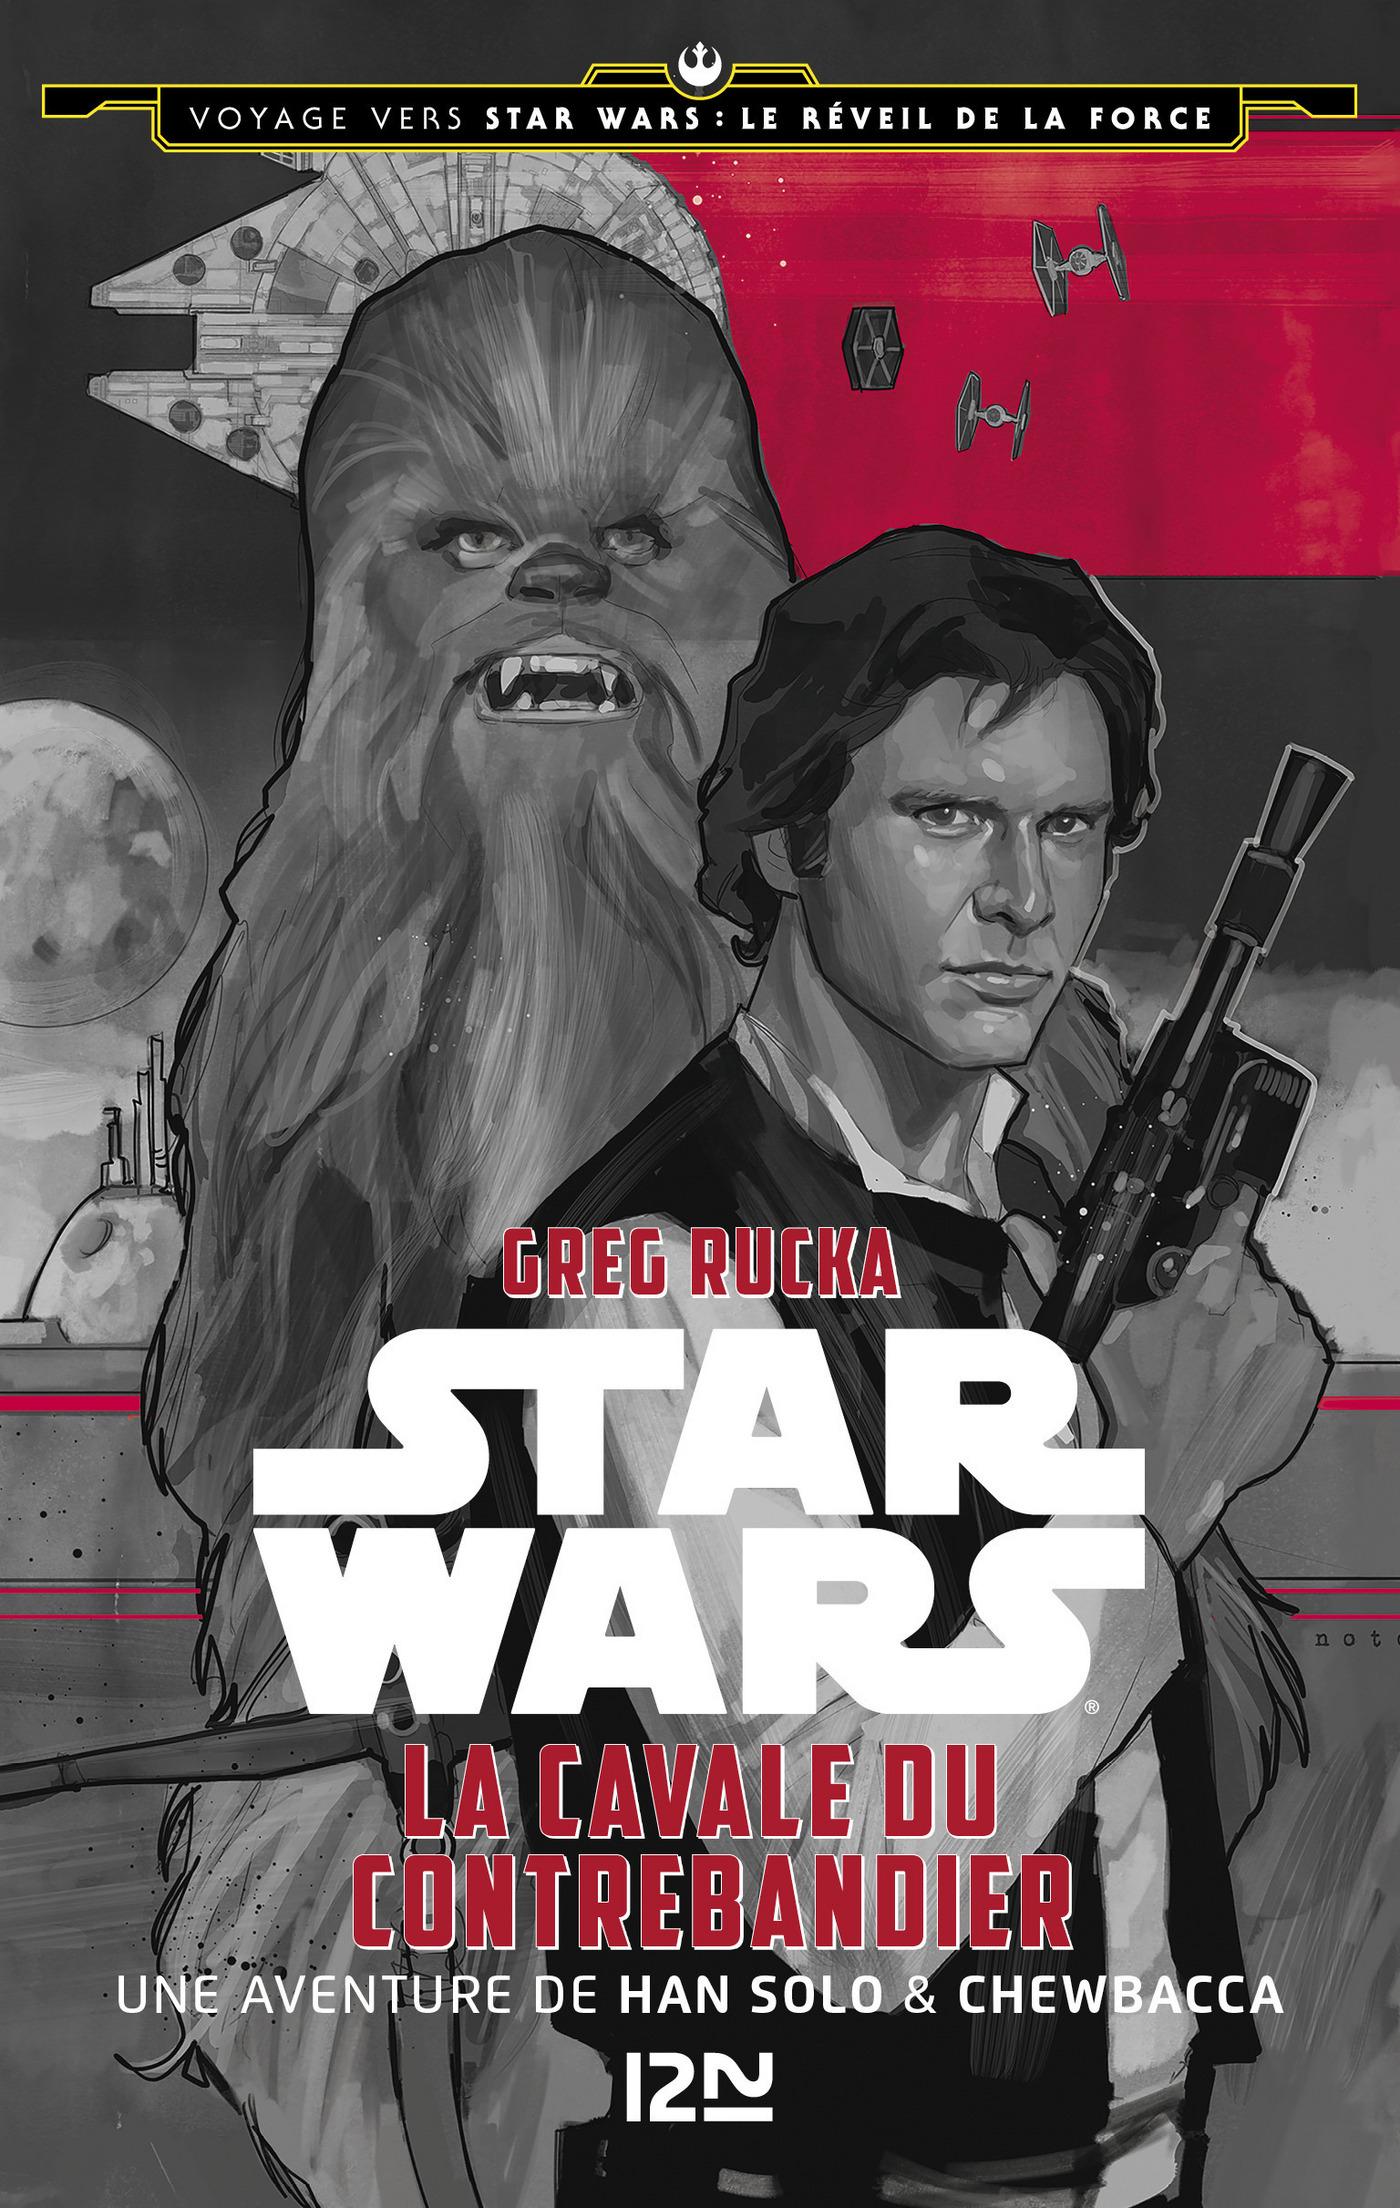 1. Voyage vers Star Wars : Le réveil de la force - La cavale du contrebandier